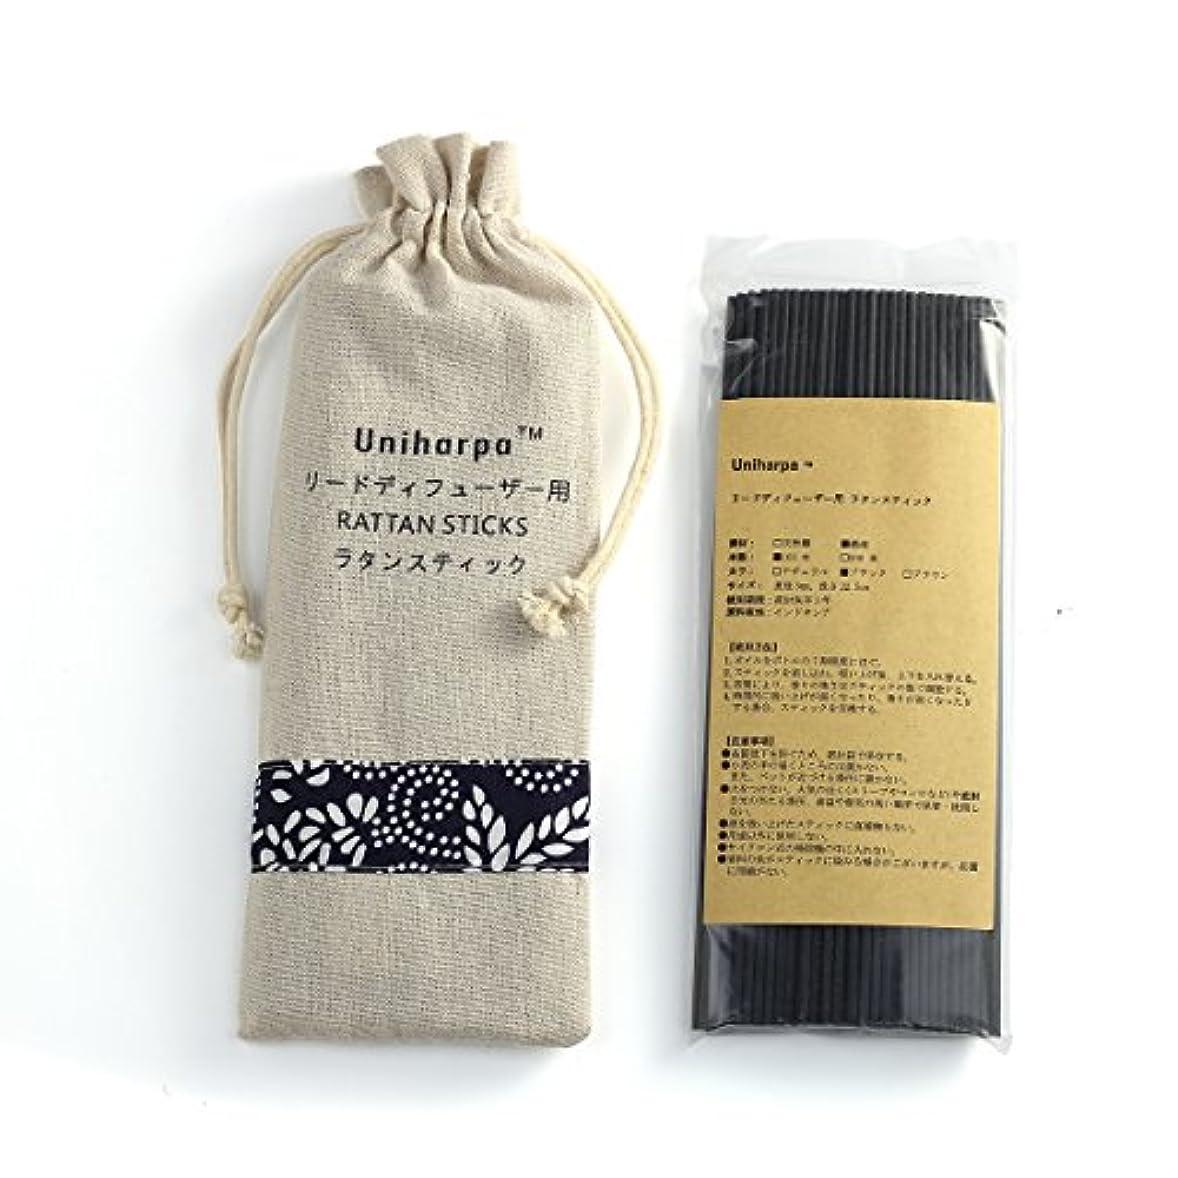 オプショナルコメント異議リードディフューザー用 ラタンスティック/リードスティック リフィル 繊維素材 22.5cm 直径3mm 100本入 乾燥剤入り オリジナル旅行専用袋付 (ブラック)